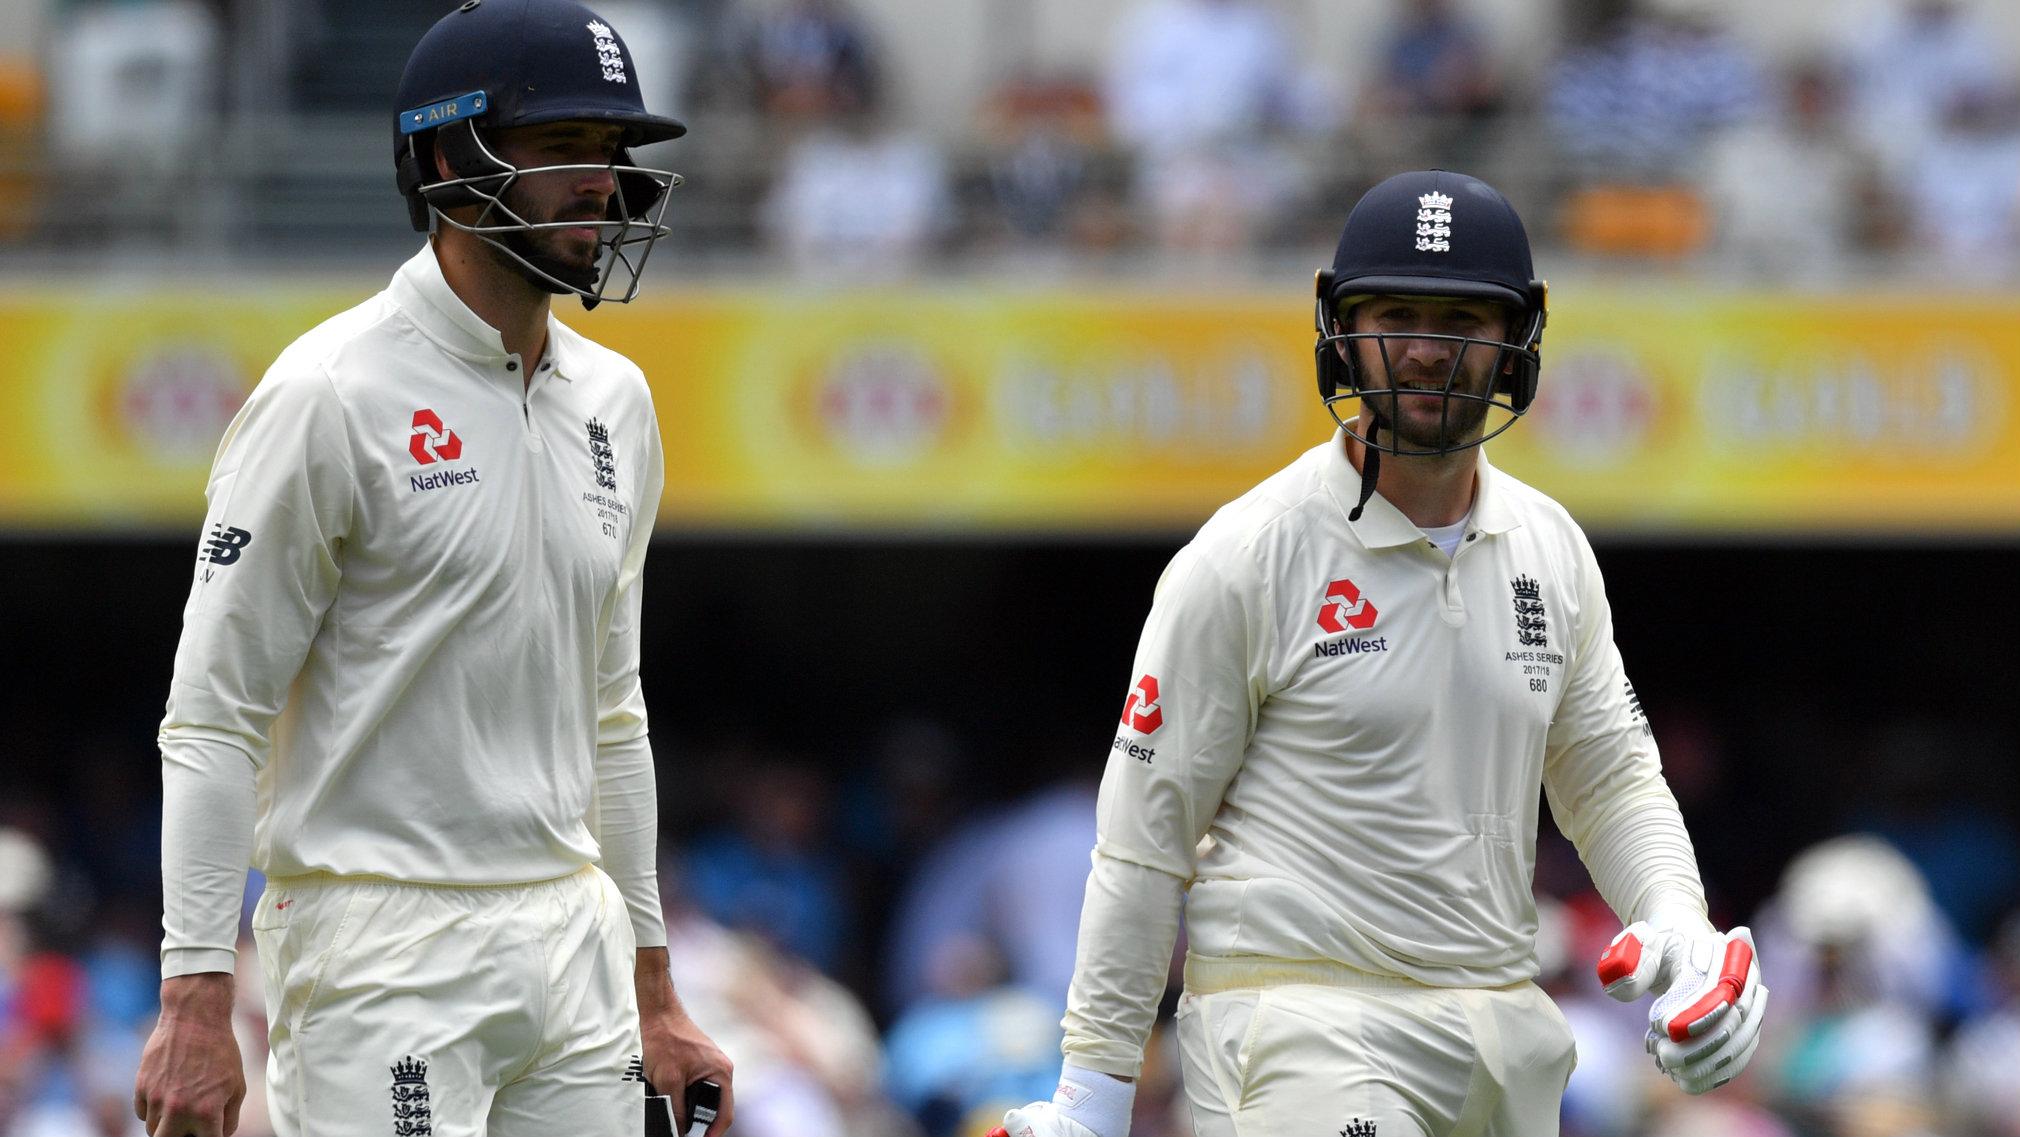 <em> Mark Stoneman and James Vince have averaged 30.17 and 24.90 respectively in Test cricket. </em>